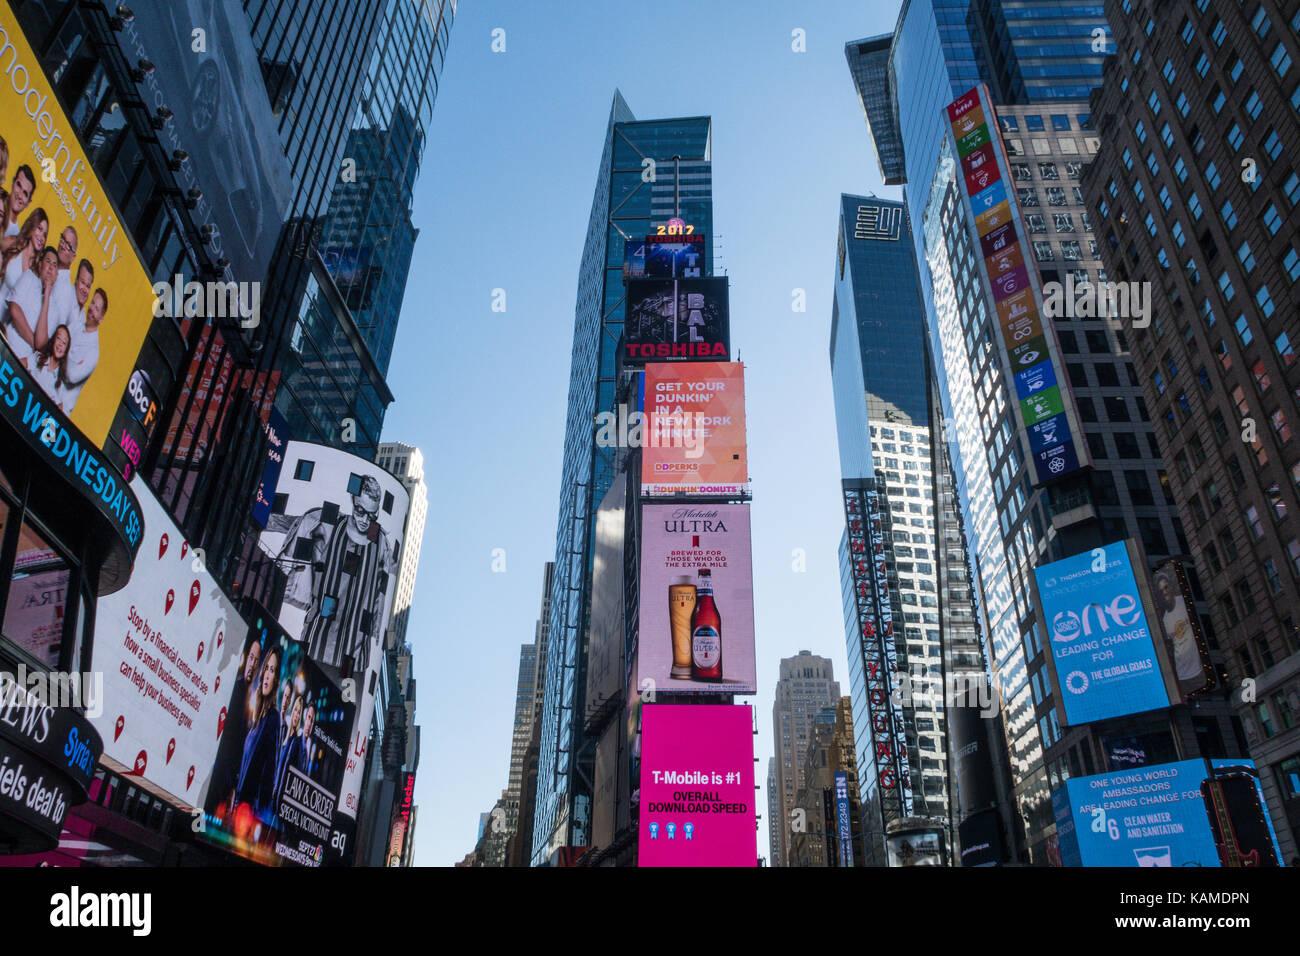 Les panneaux publicitaires électroniques à Times Square, New York, USA Photo Stock